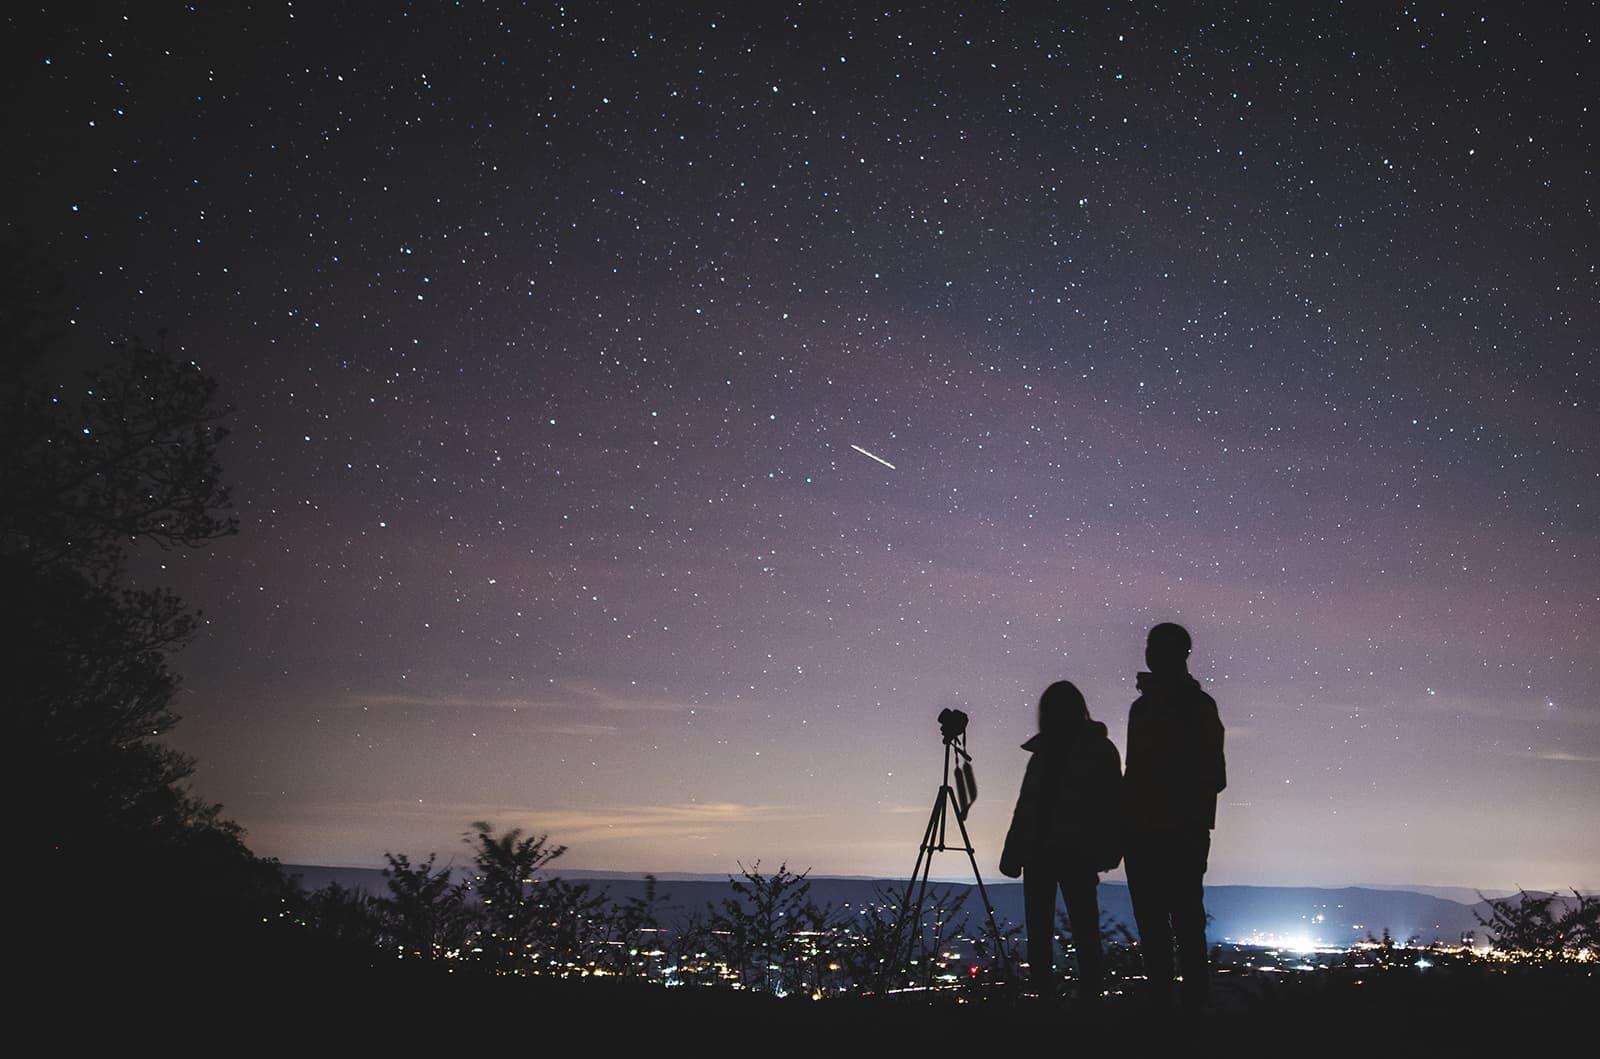 Ein Mann und eine Frau beobachten Sterne außerhalb der Stadt